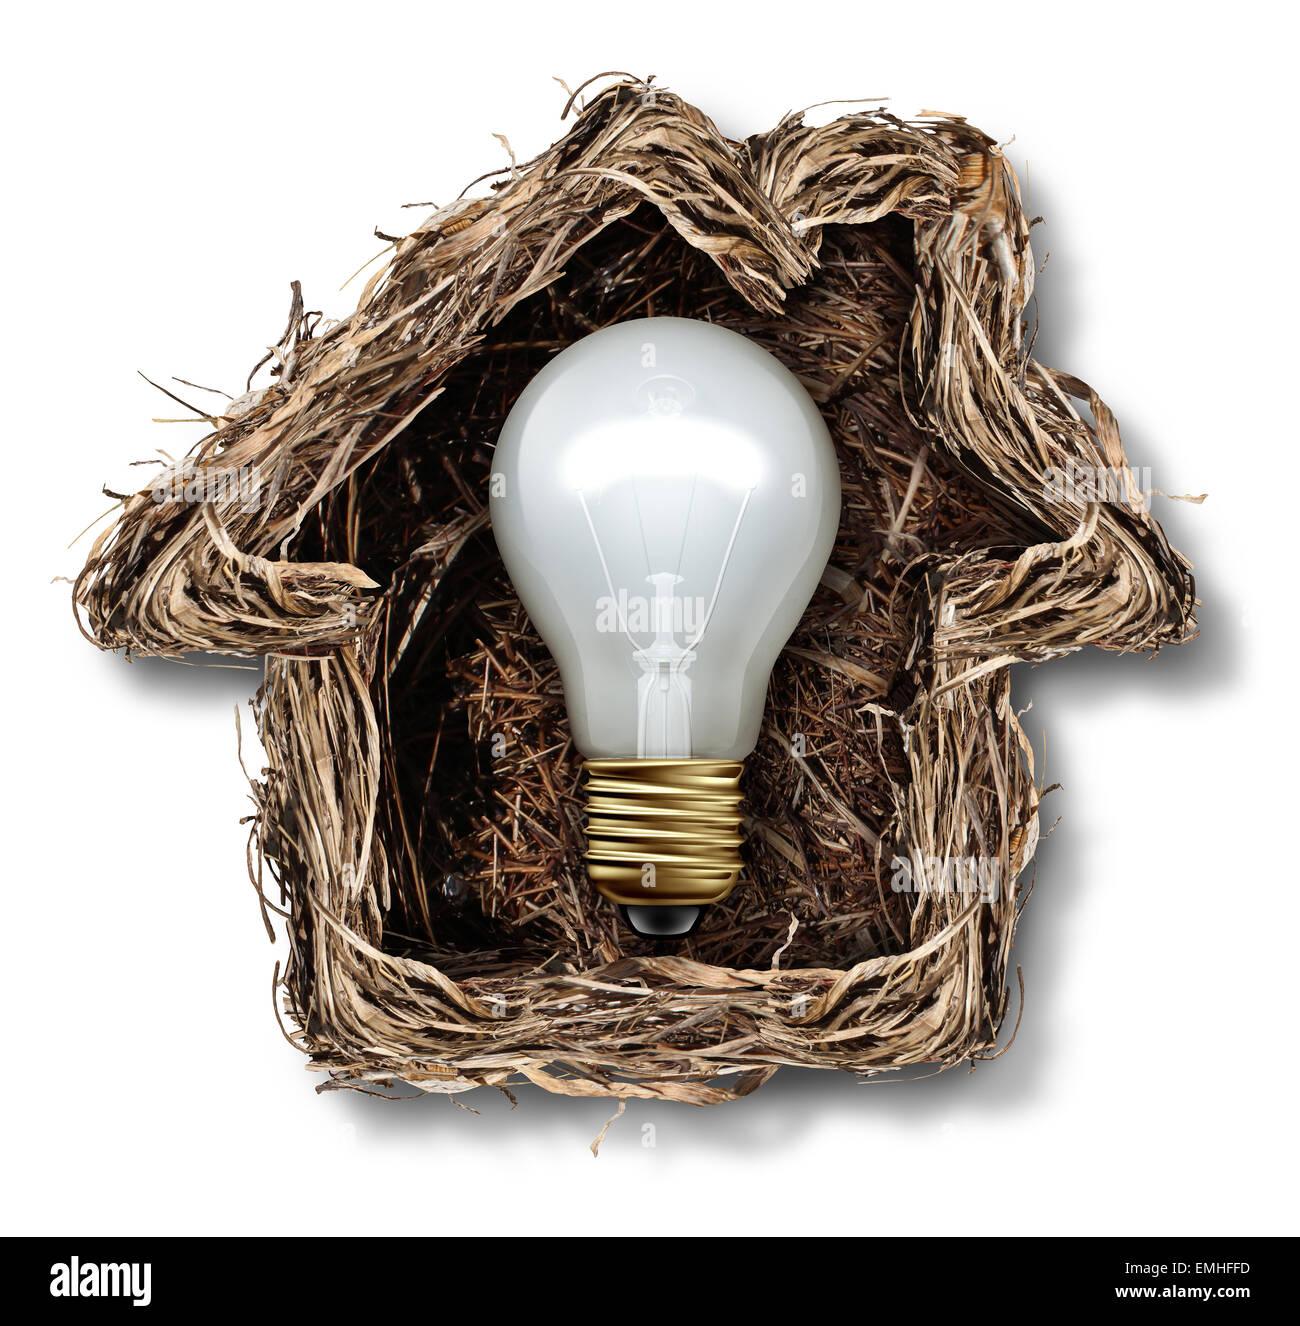 Accueil idées et symbole comme solution interne en forme de nid d'oiseau comme résidence familiale Photo Stock